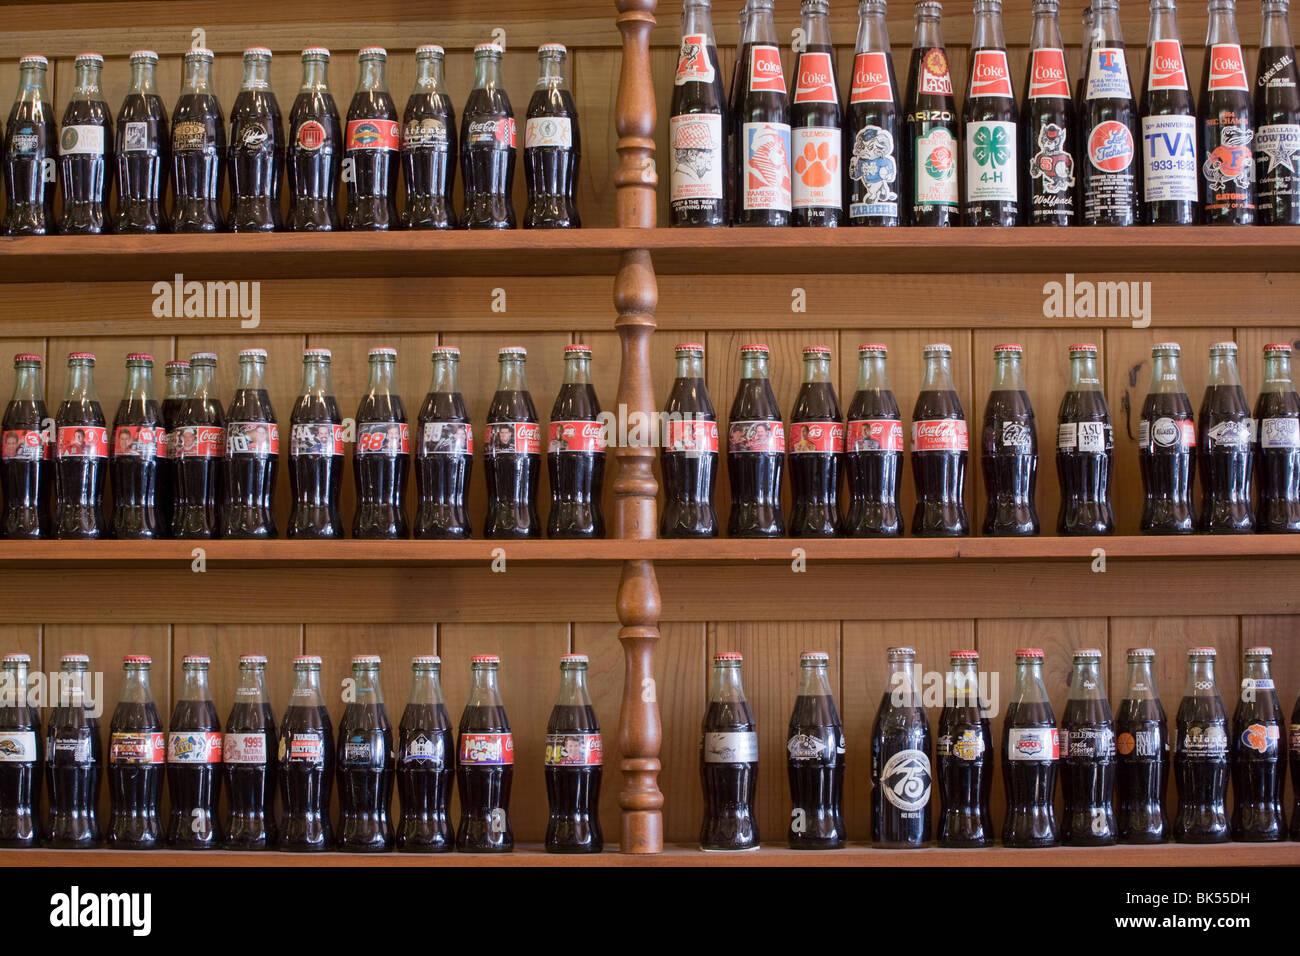 Biedenharn Museum of Coca-Cola Memorabilia, Vicksburg, Mississippi - Stock Image